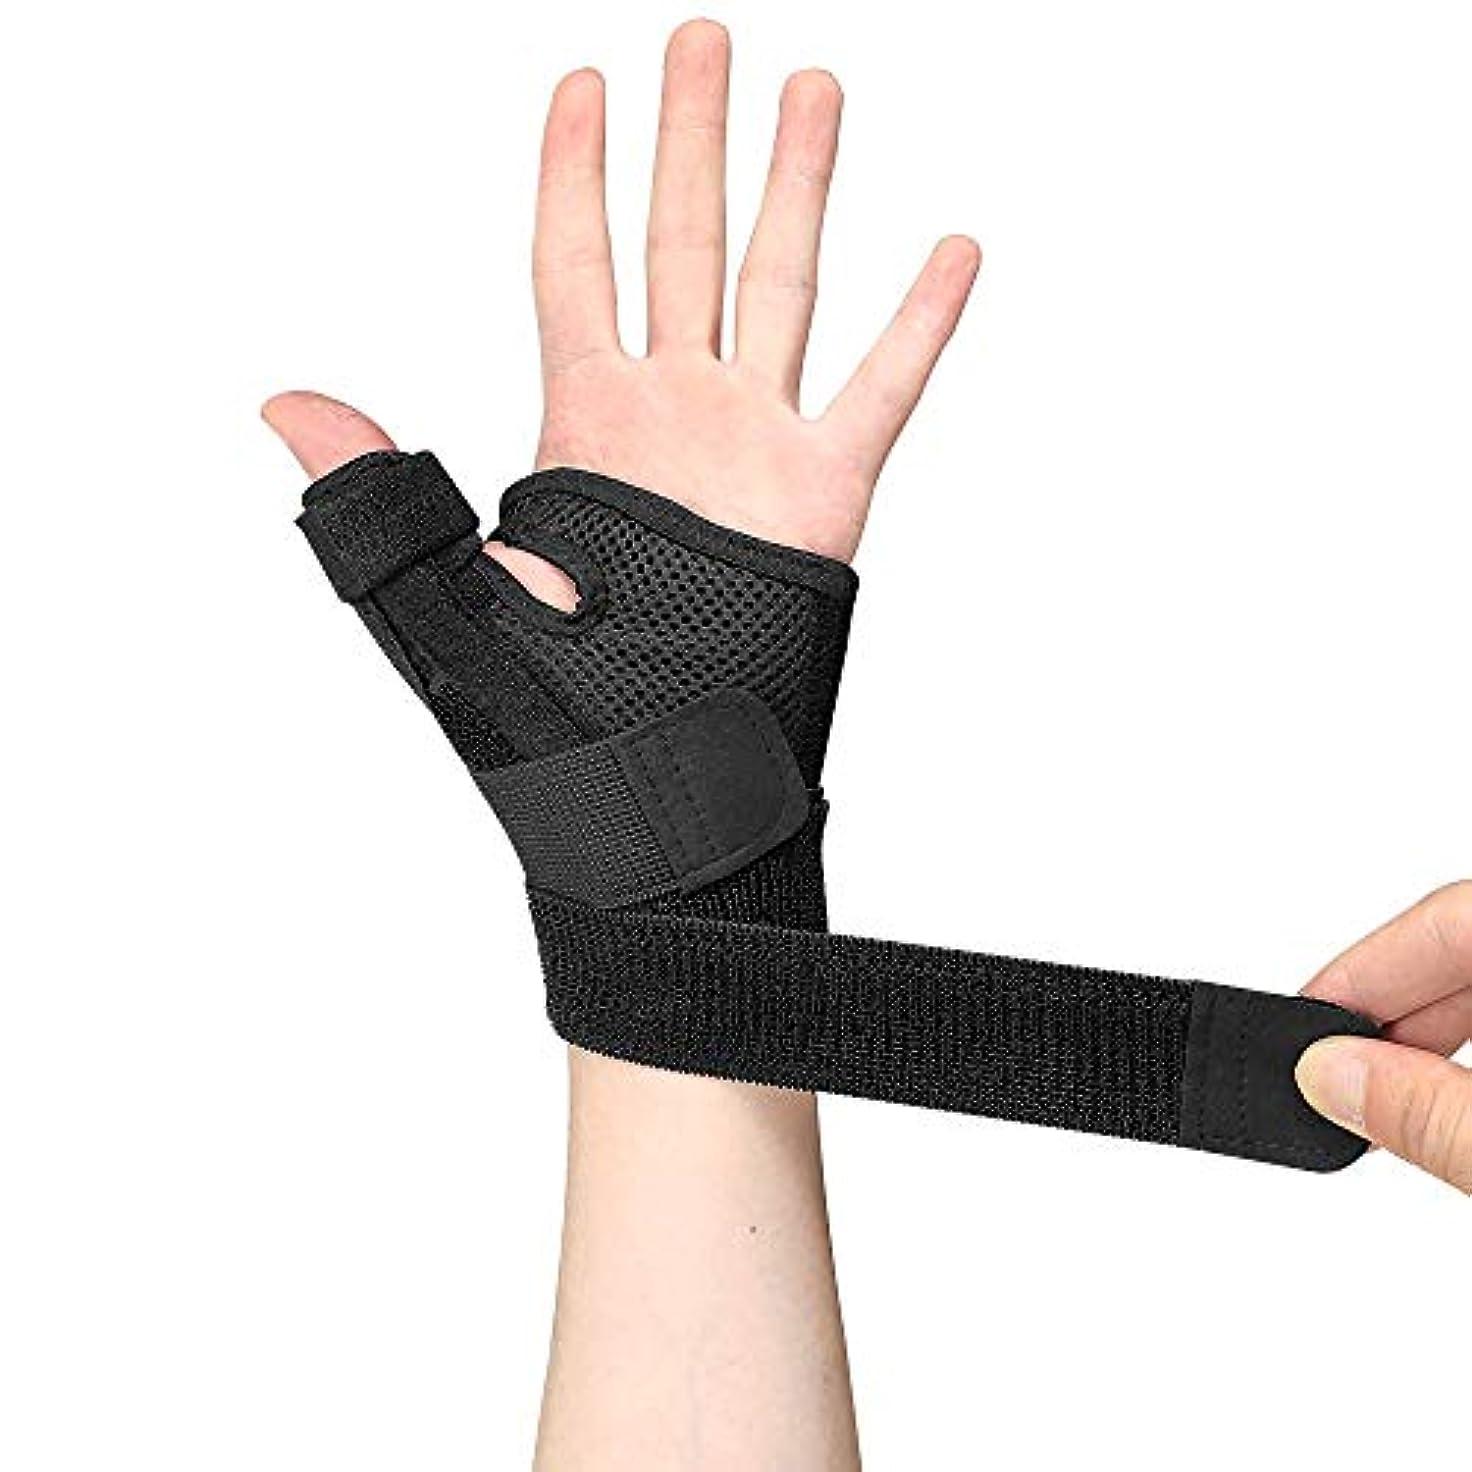 ヶ月目助言ディレクター手首の睡眠サポート - 両手にフィット - 手根管の手助けをし、手首の痛みを和らげ、和らげます。